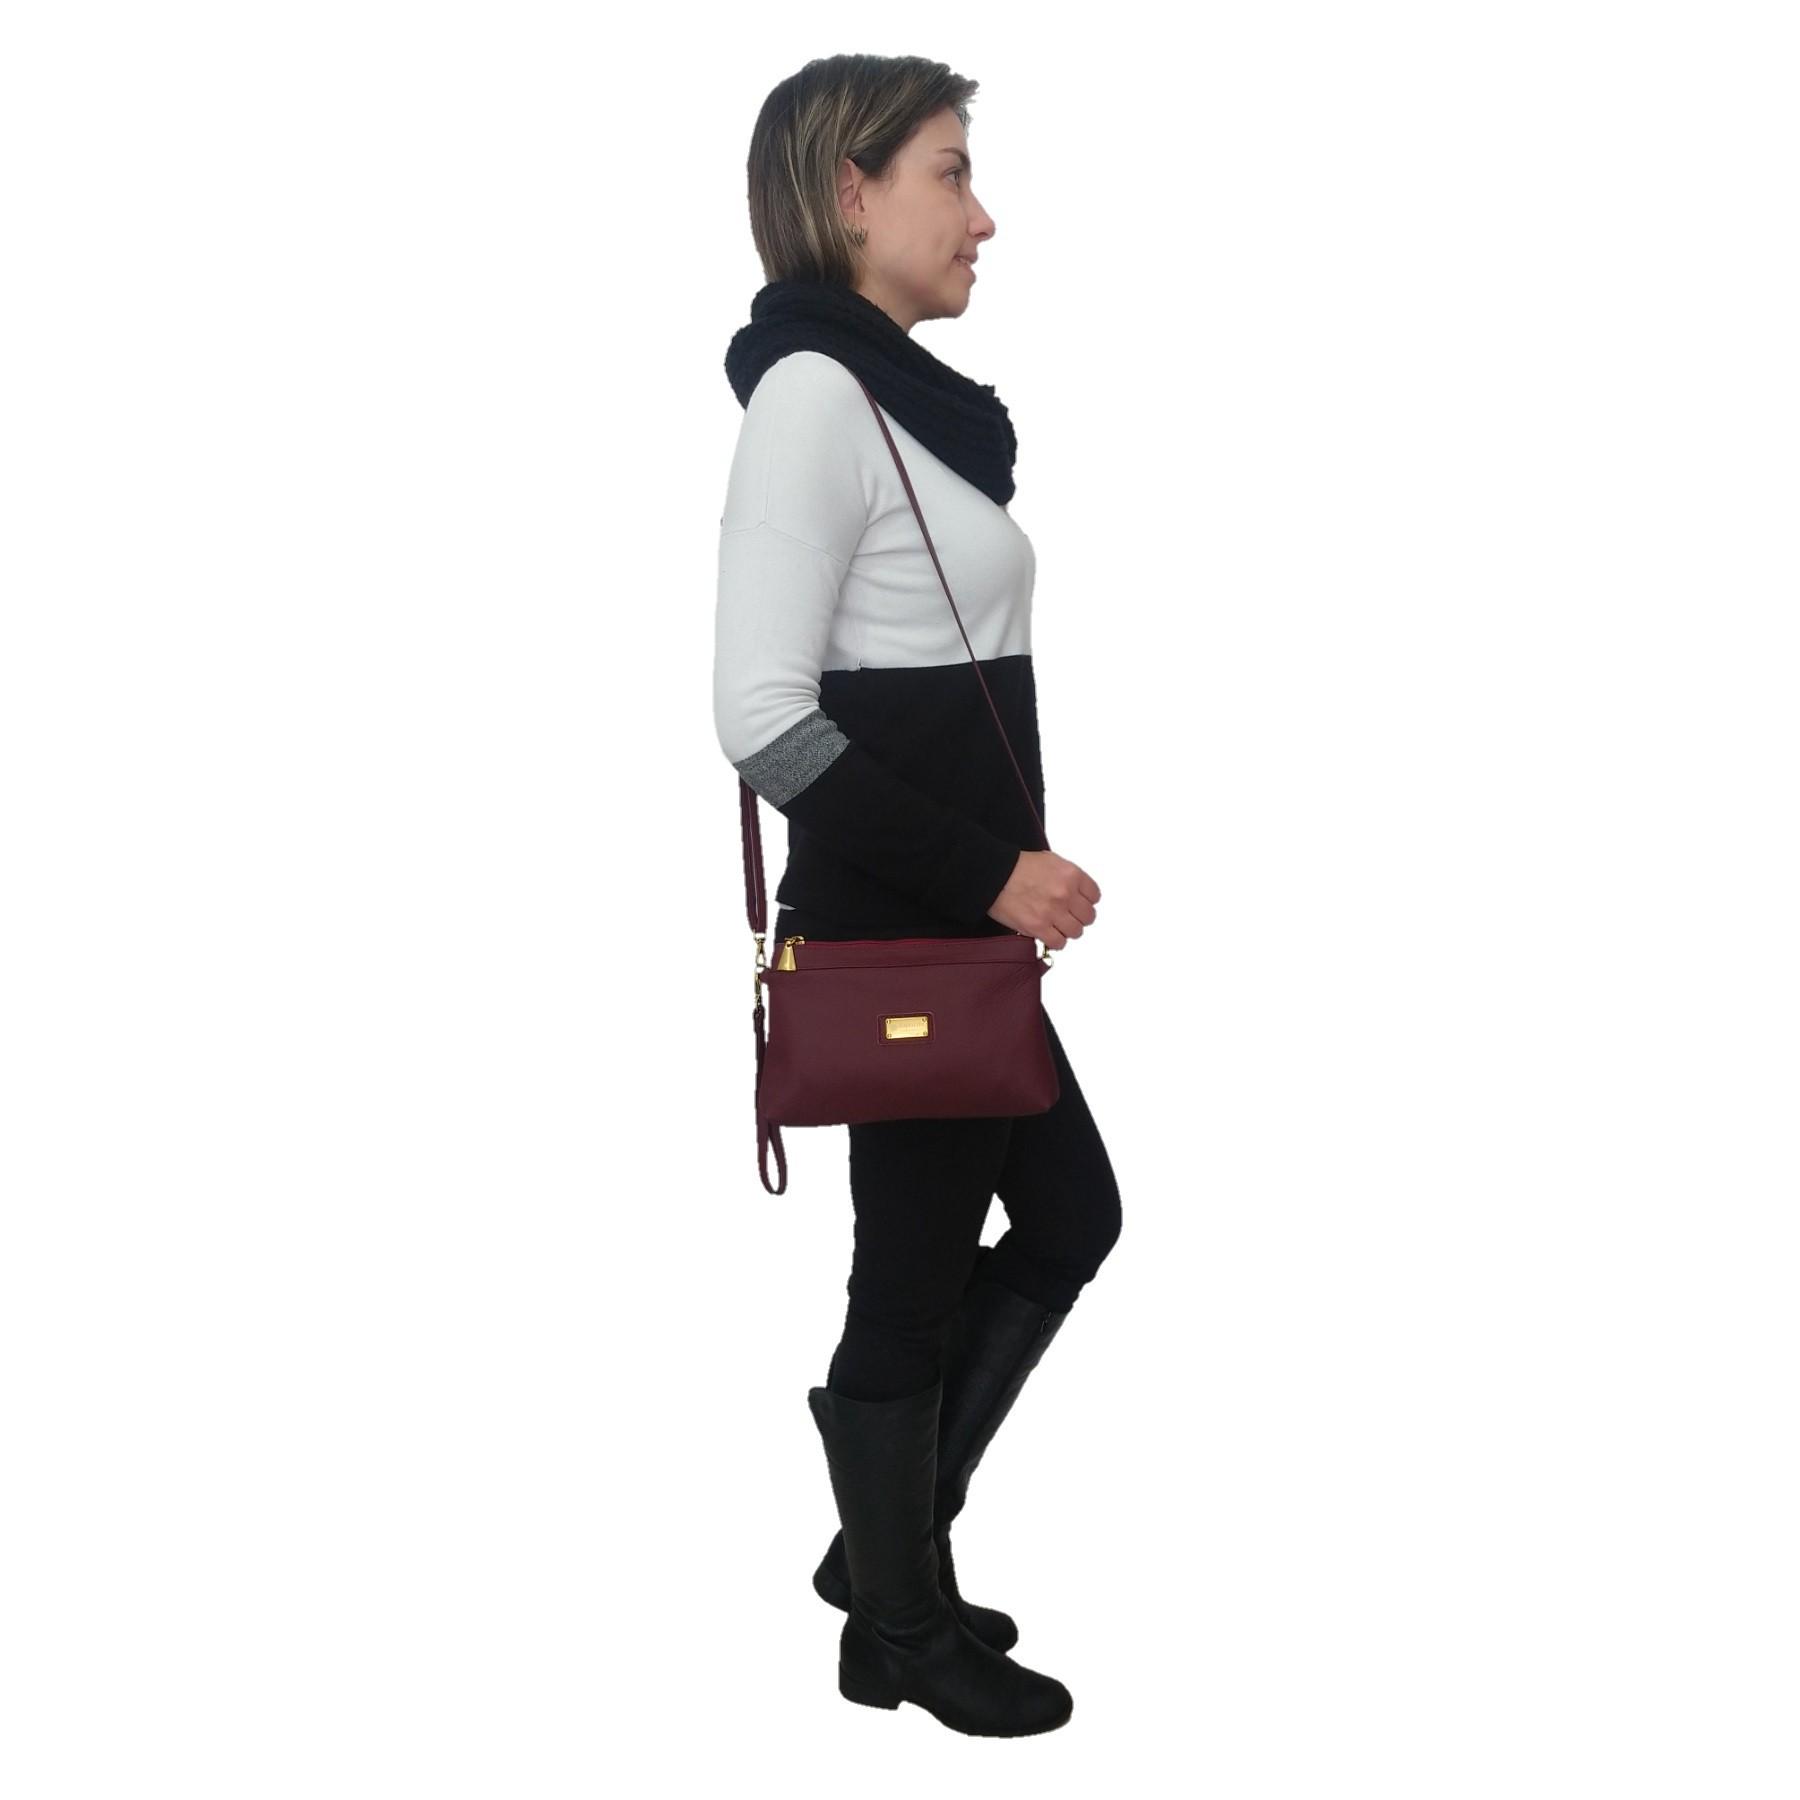 Bolsa Carteira Clutch TopGrife Transversal Couro Bordô - Promoção  - SAPATOWEB.COM